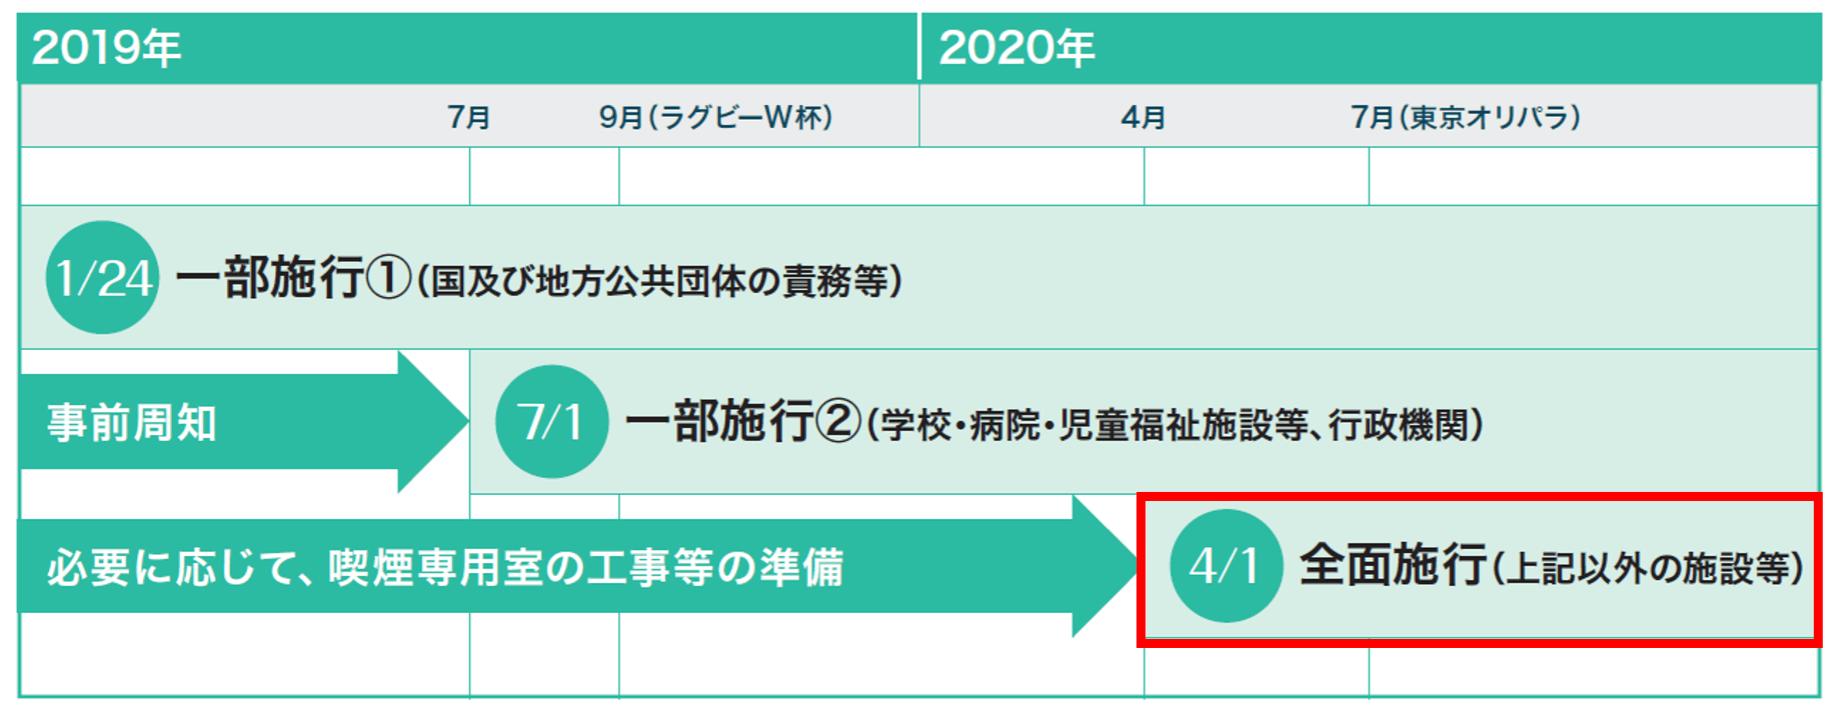 受動喫煙対策マーク 2020年までの動き